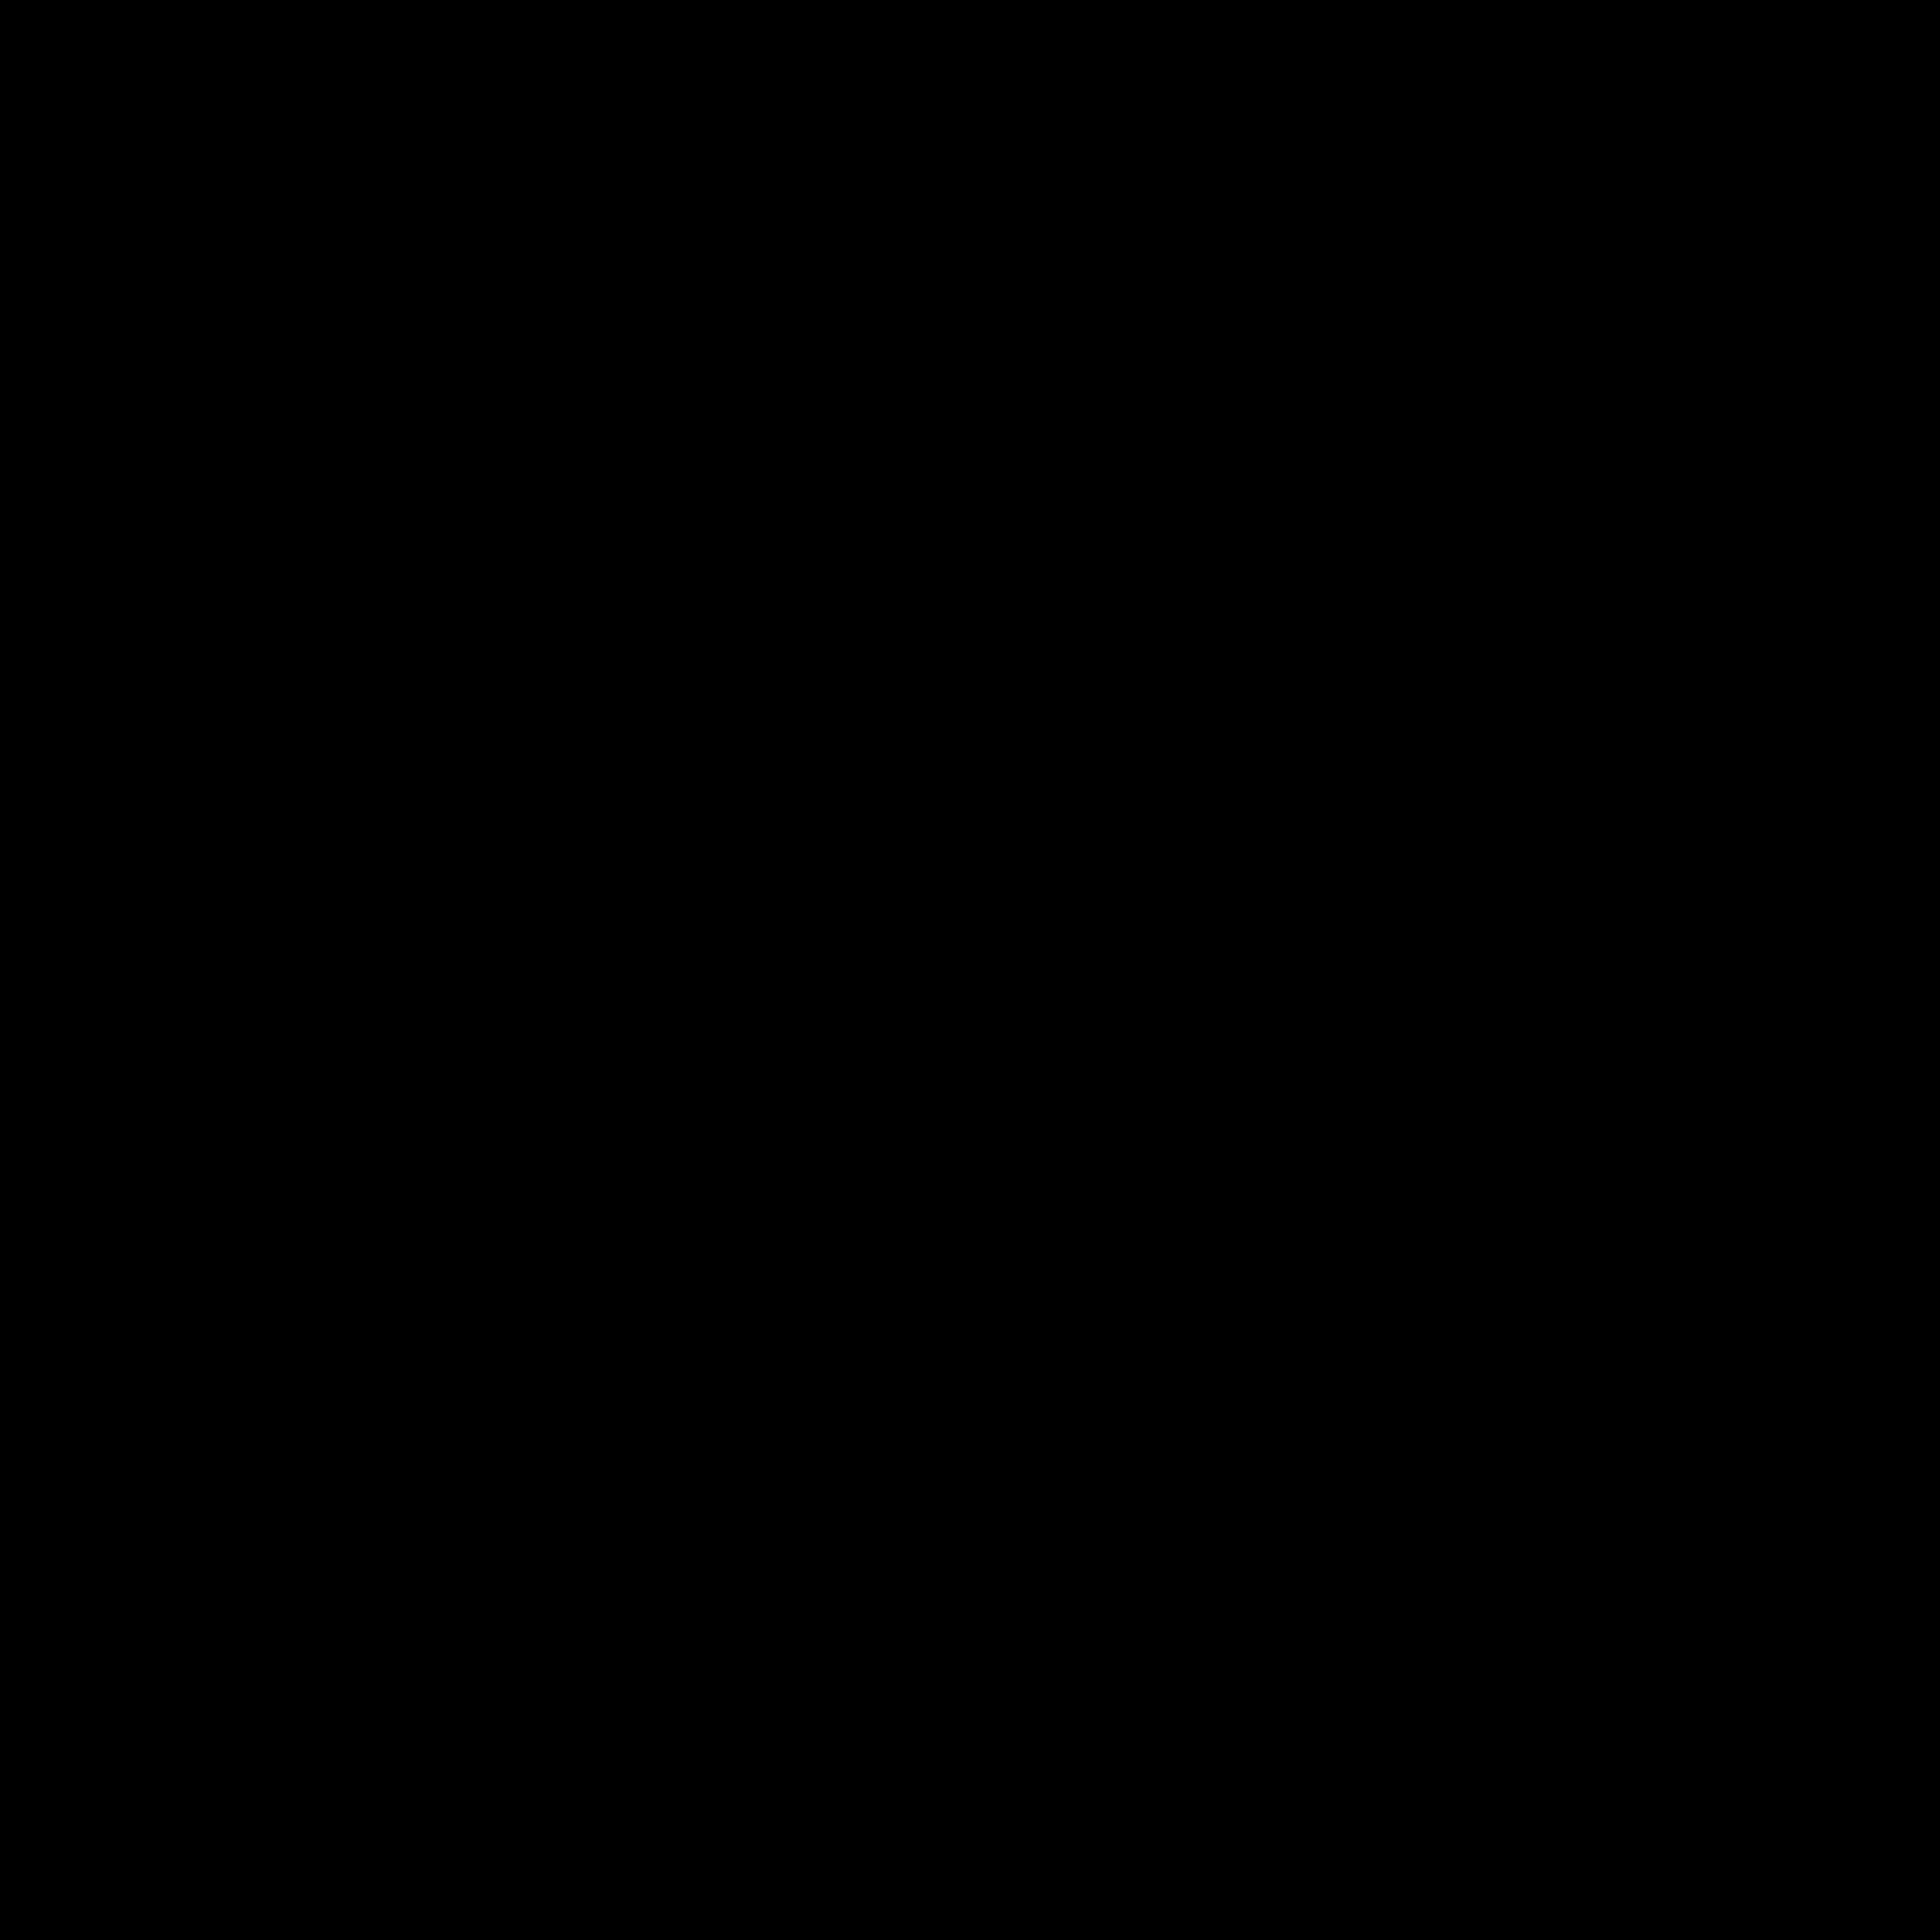 Milkshake Mmmelt